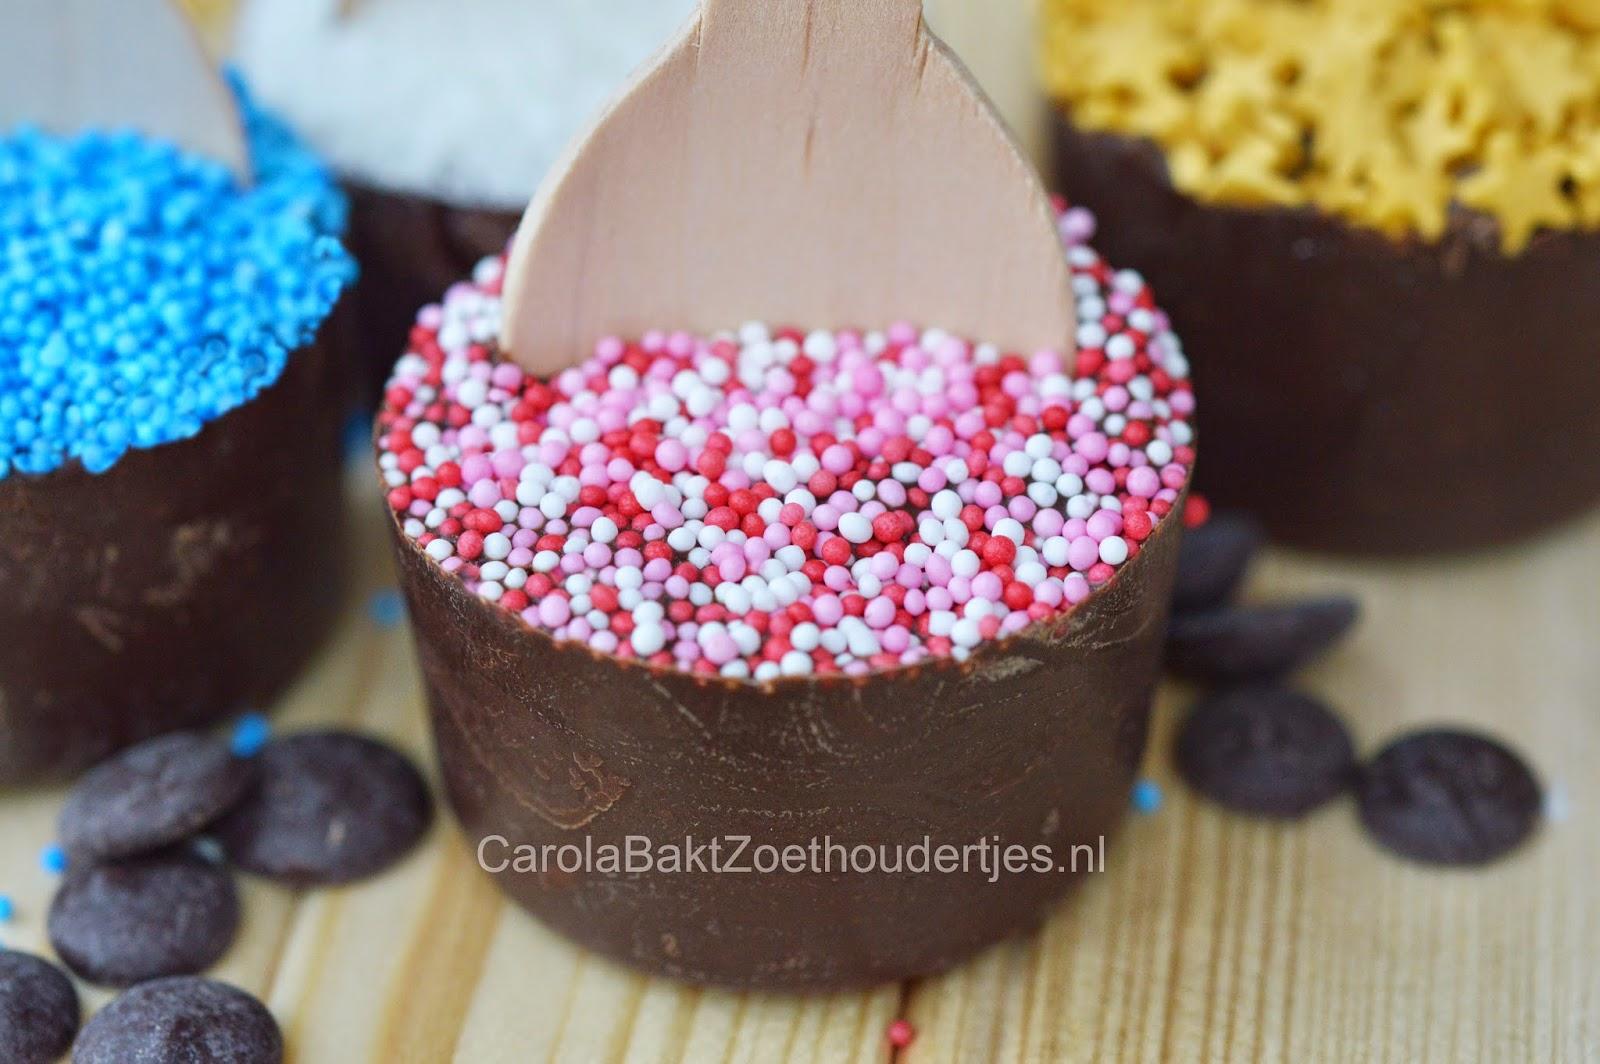 Chocolade (melk) op een stokje